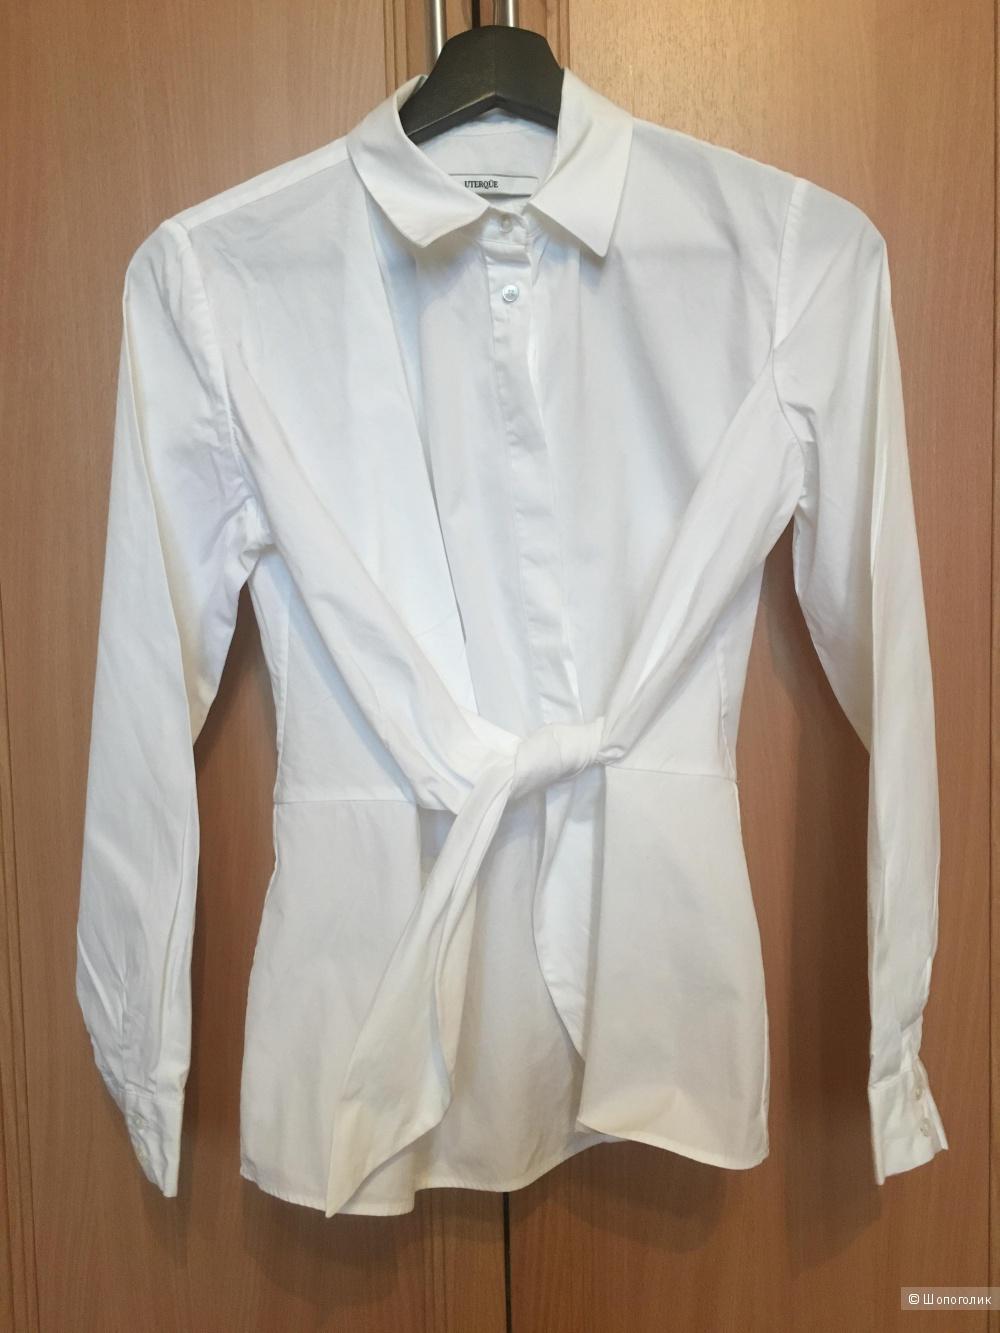 Рубашка Uterque, размер S